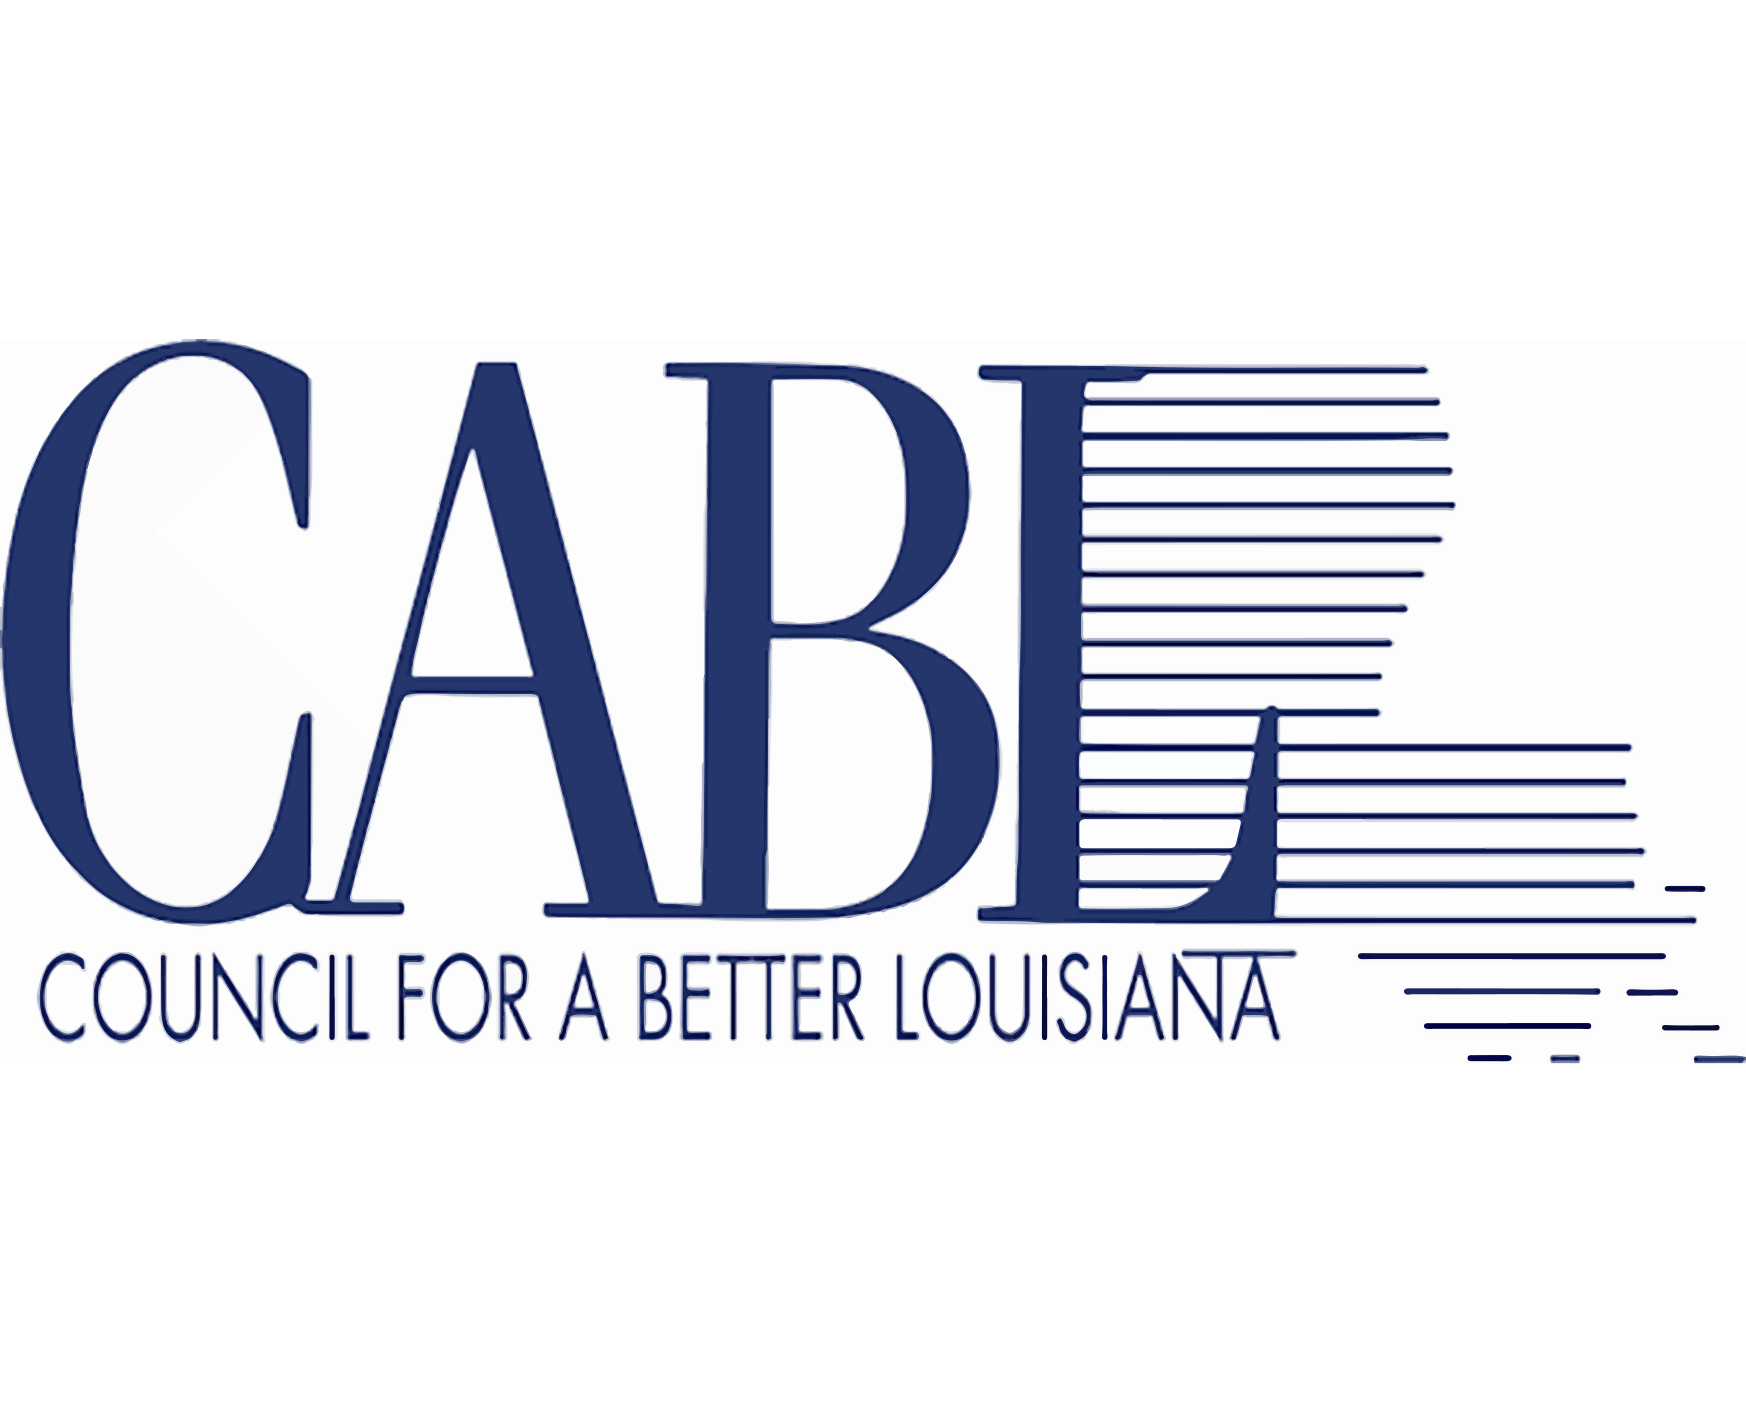 CABL_web_logo.png